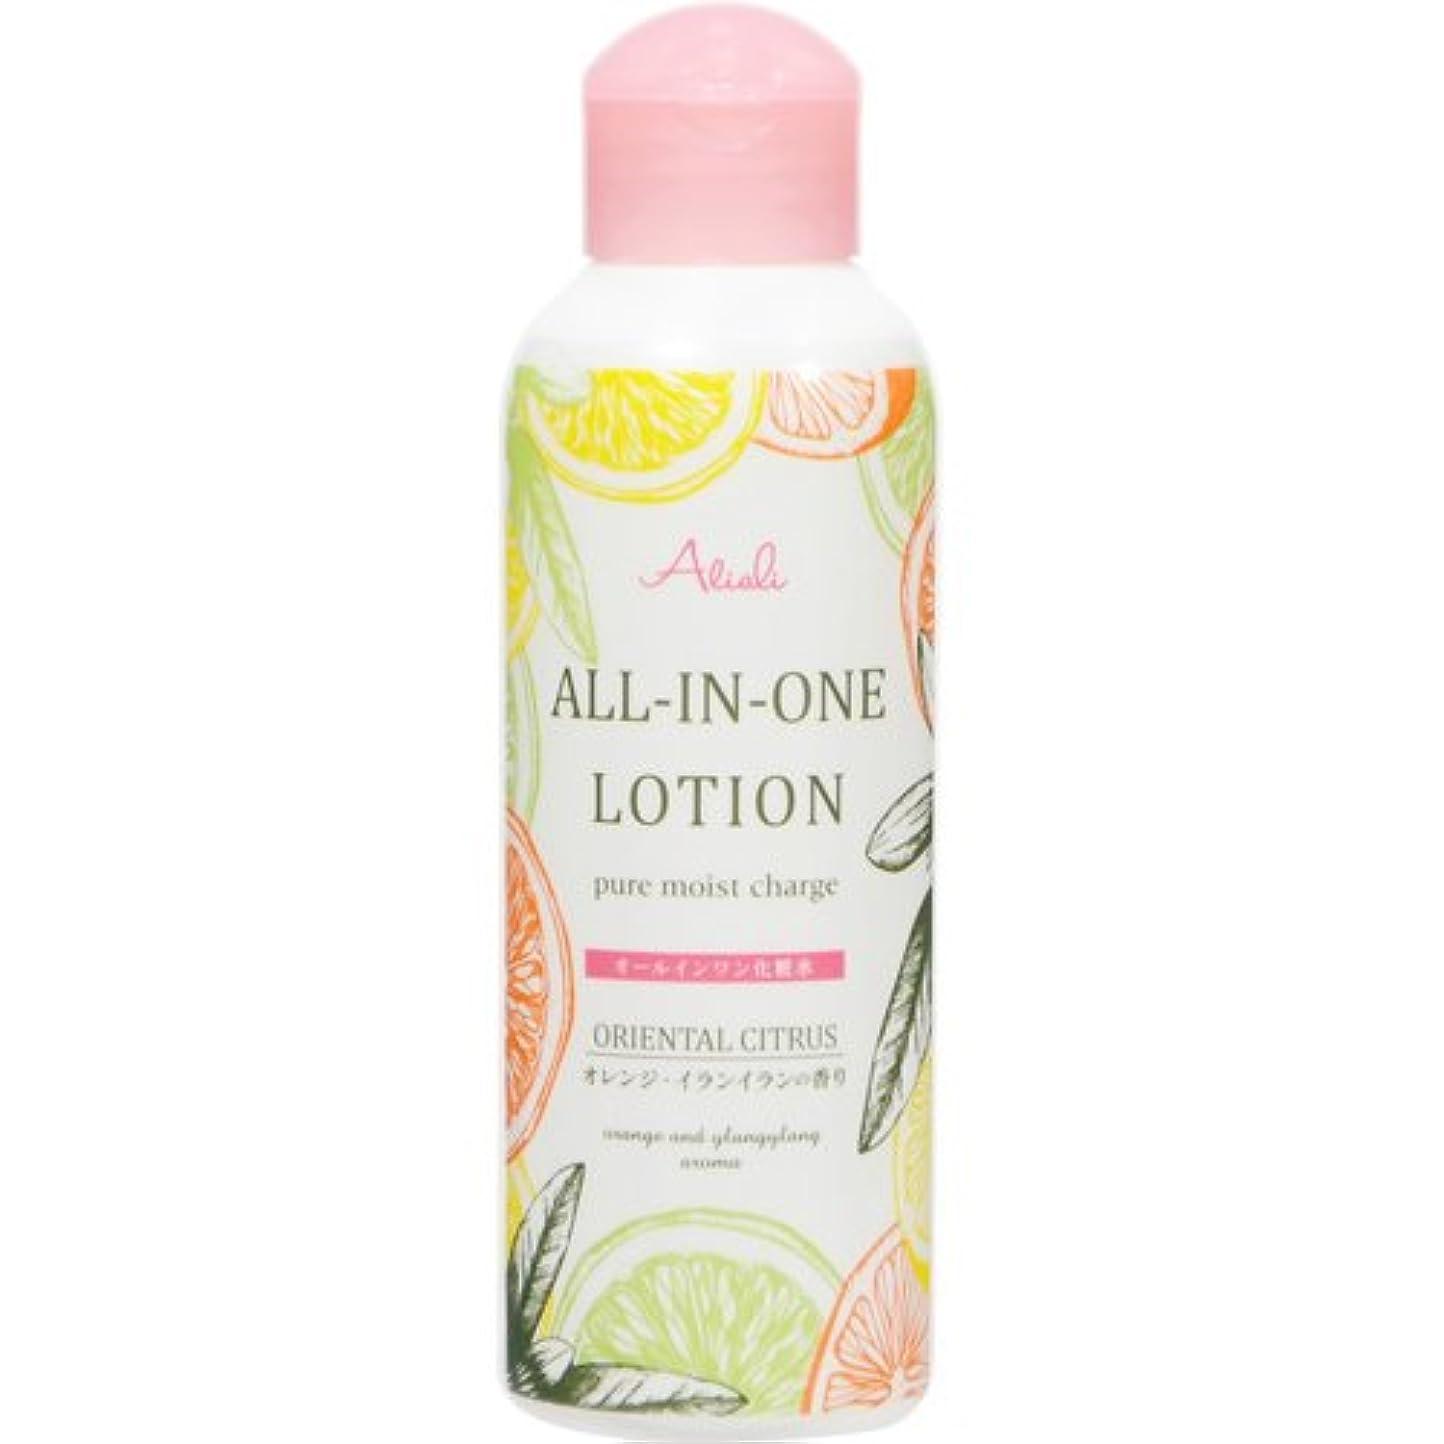 判定健康手伝うLOOKS アリアリ オールインワン化粧水(O&Y) オレンジ?イランイランの香り 150ml E485282H